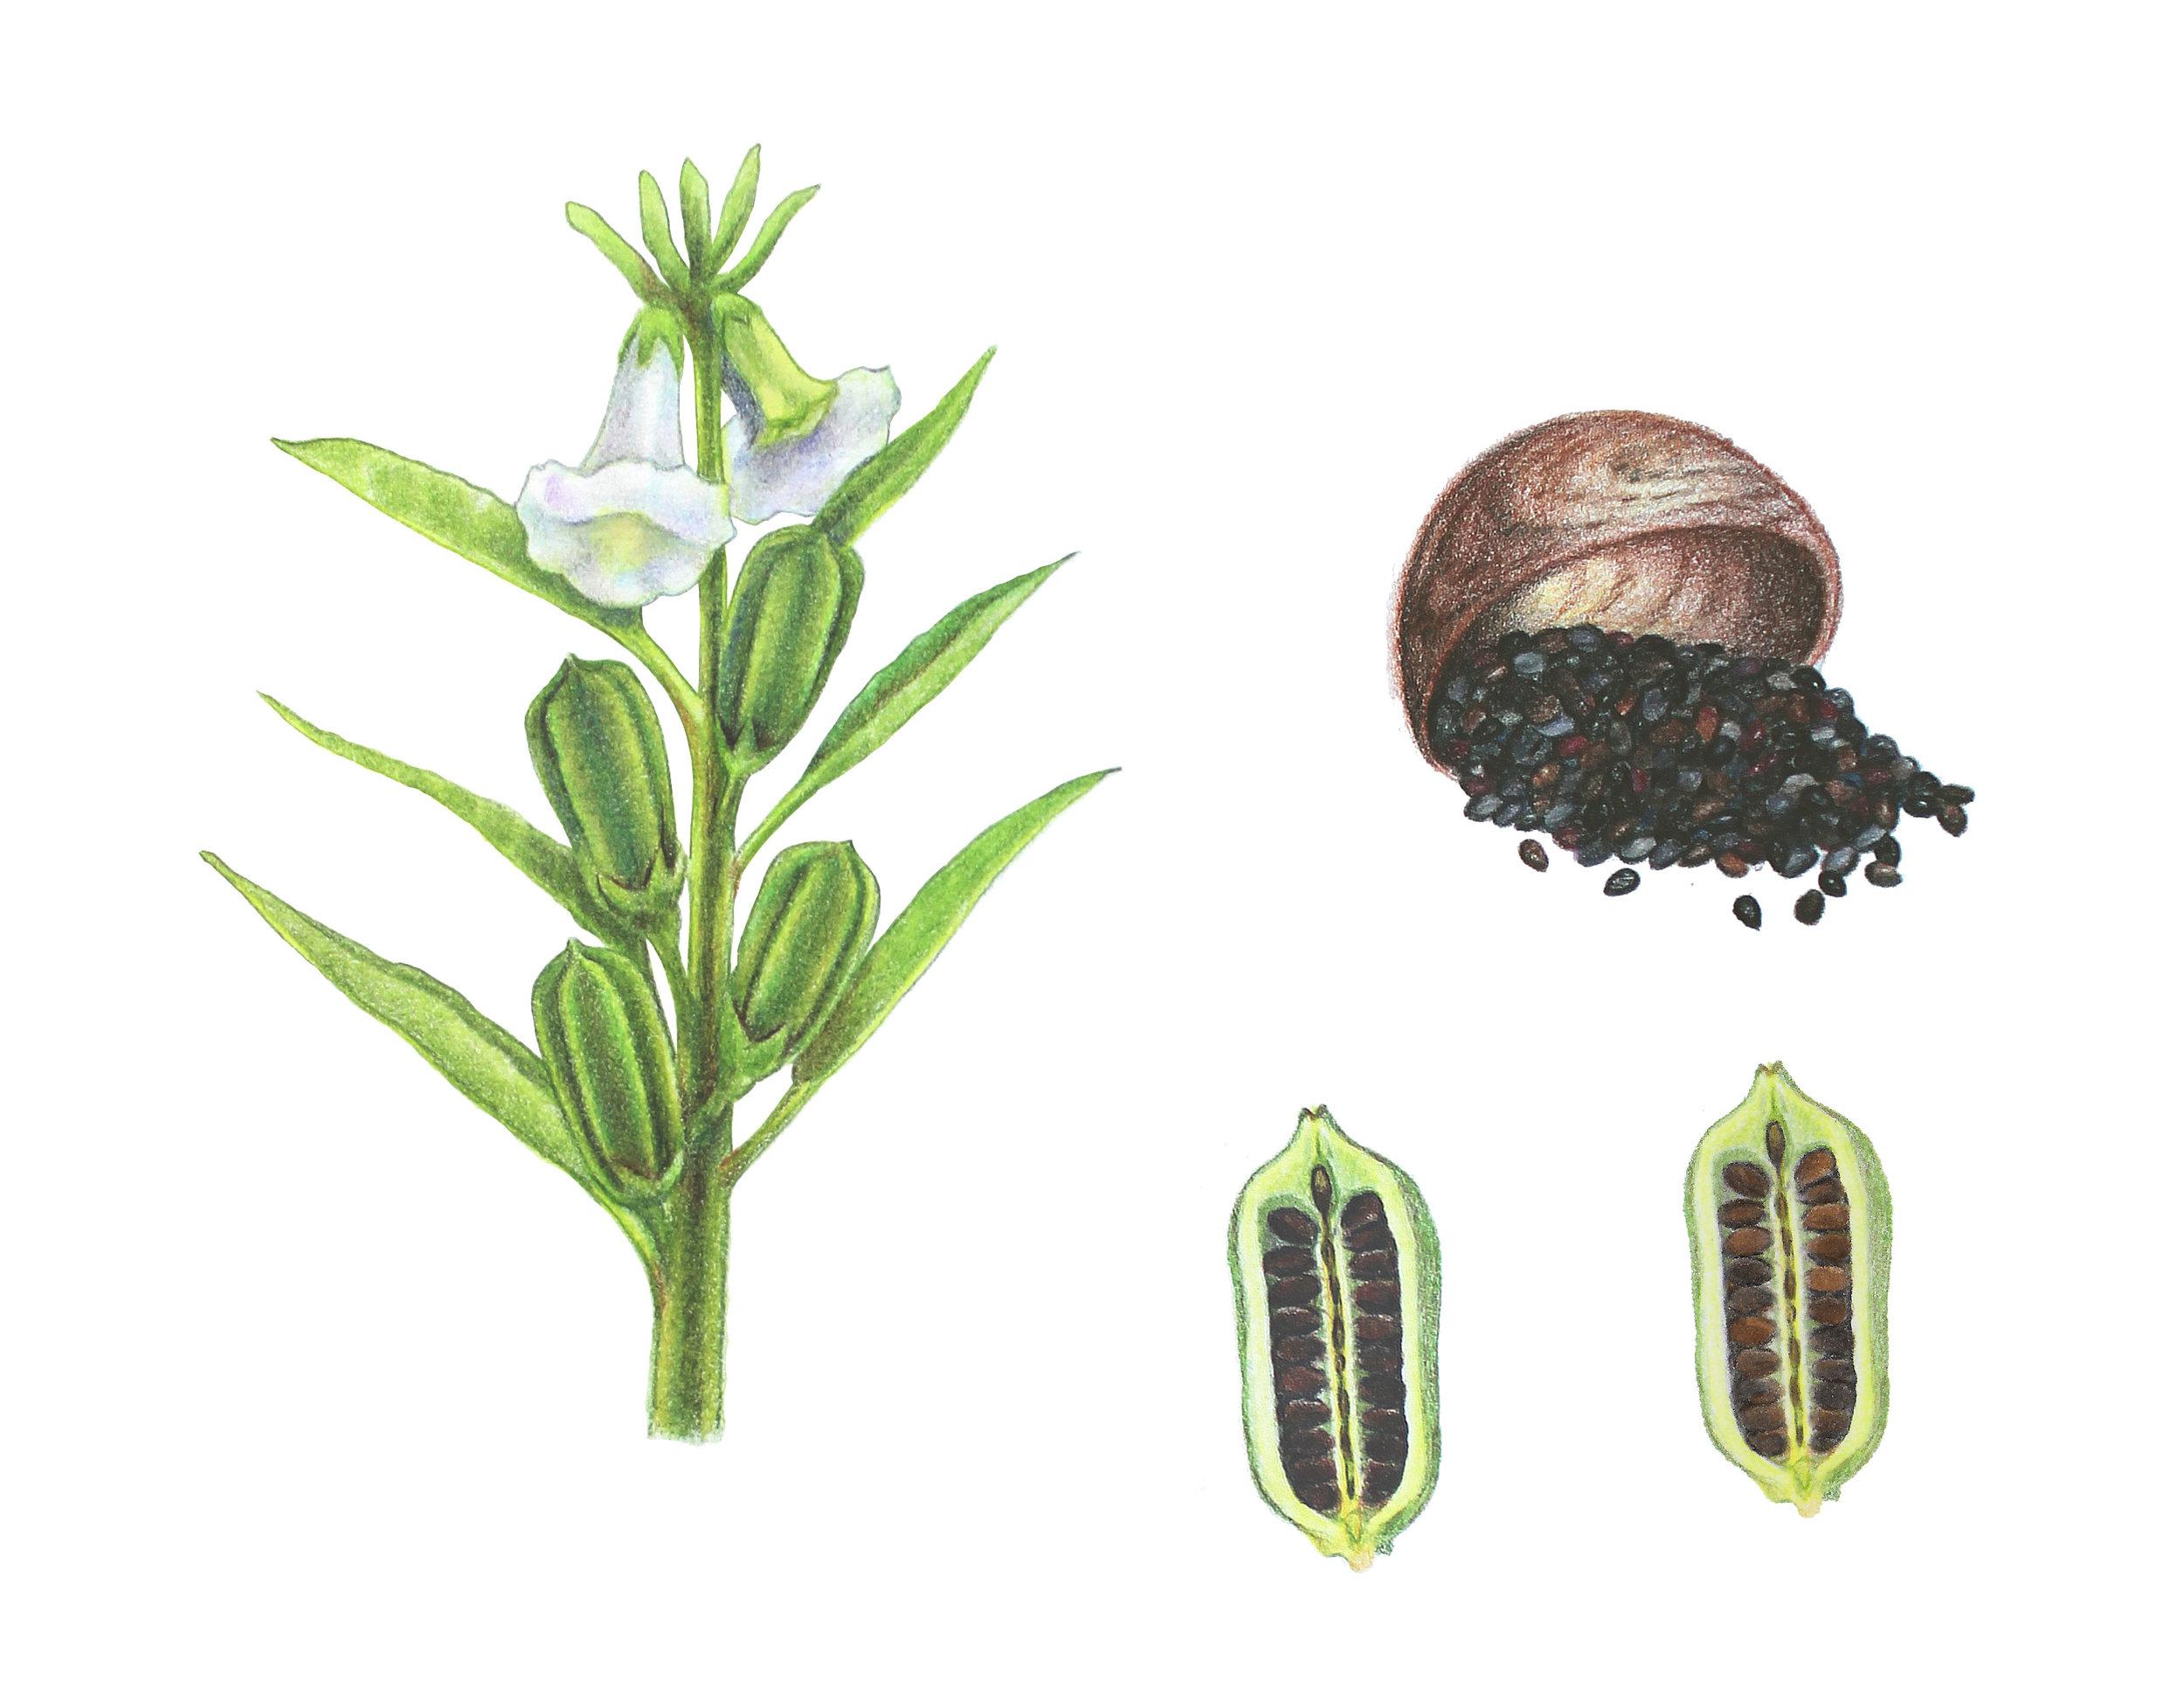 Botanical elements for Black Sesame